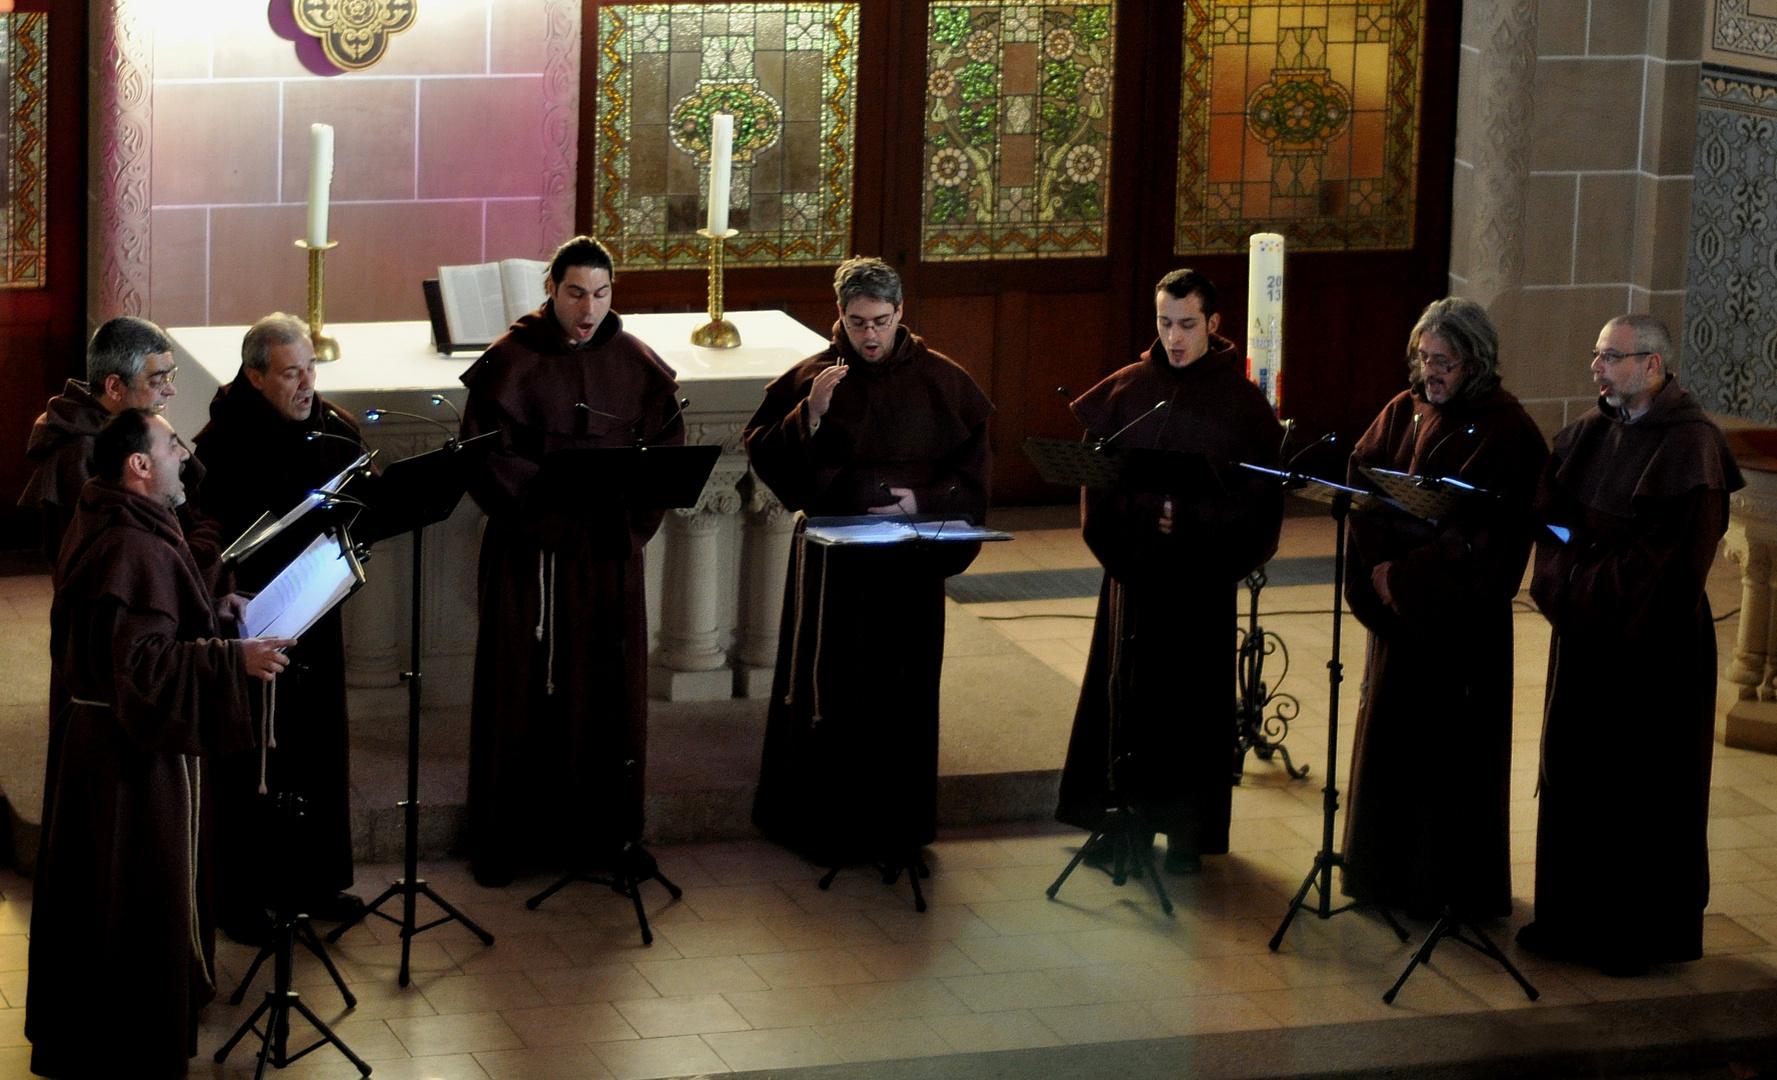 The Gregorian Voices.....Stimmen die mich berühren